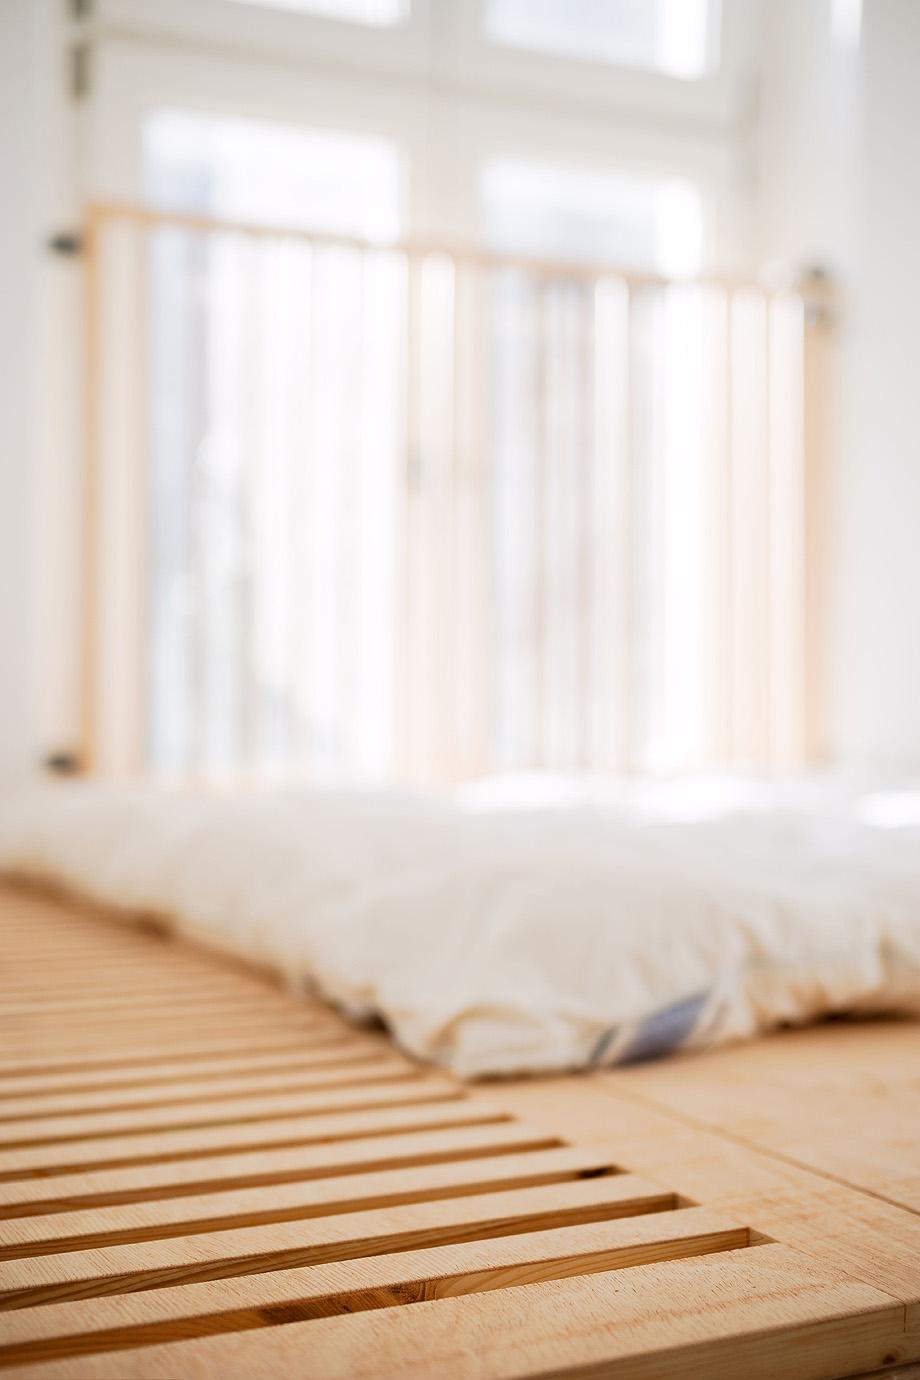 apartamento am106 de paola bagna - foto ringo paulusch (40)